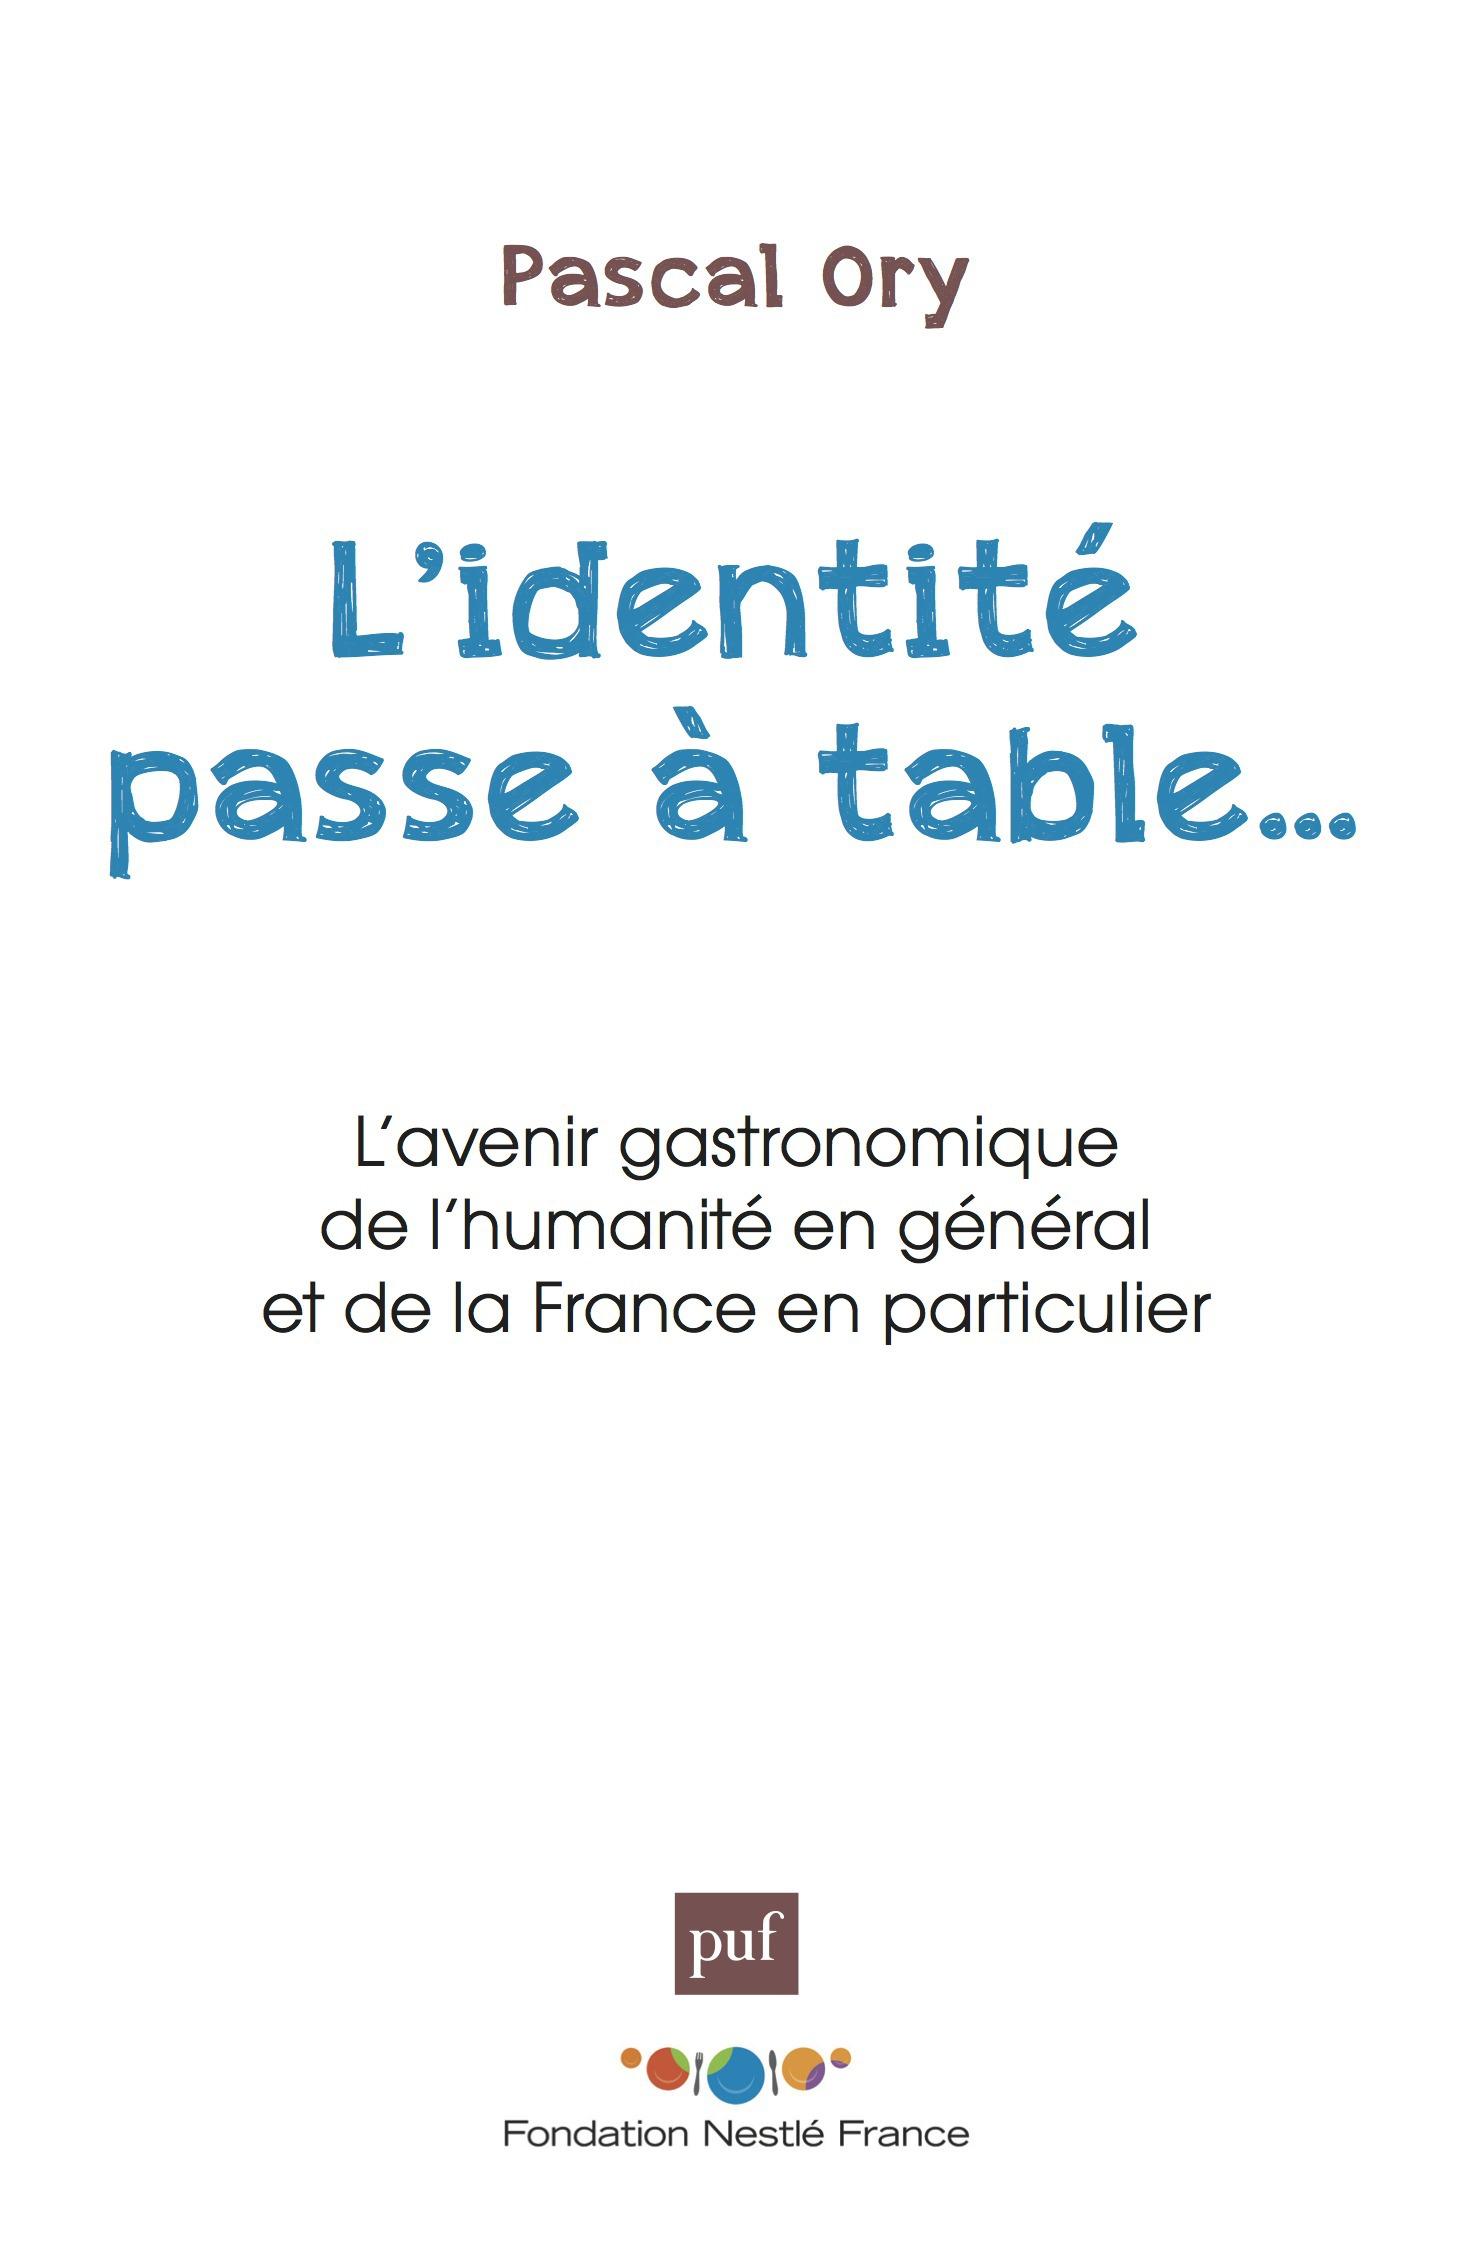 L'identité passe a table... l'avenir gastronomique de l'humanité en général et de la France en particulier